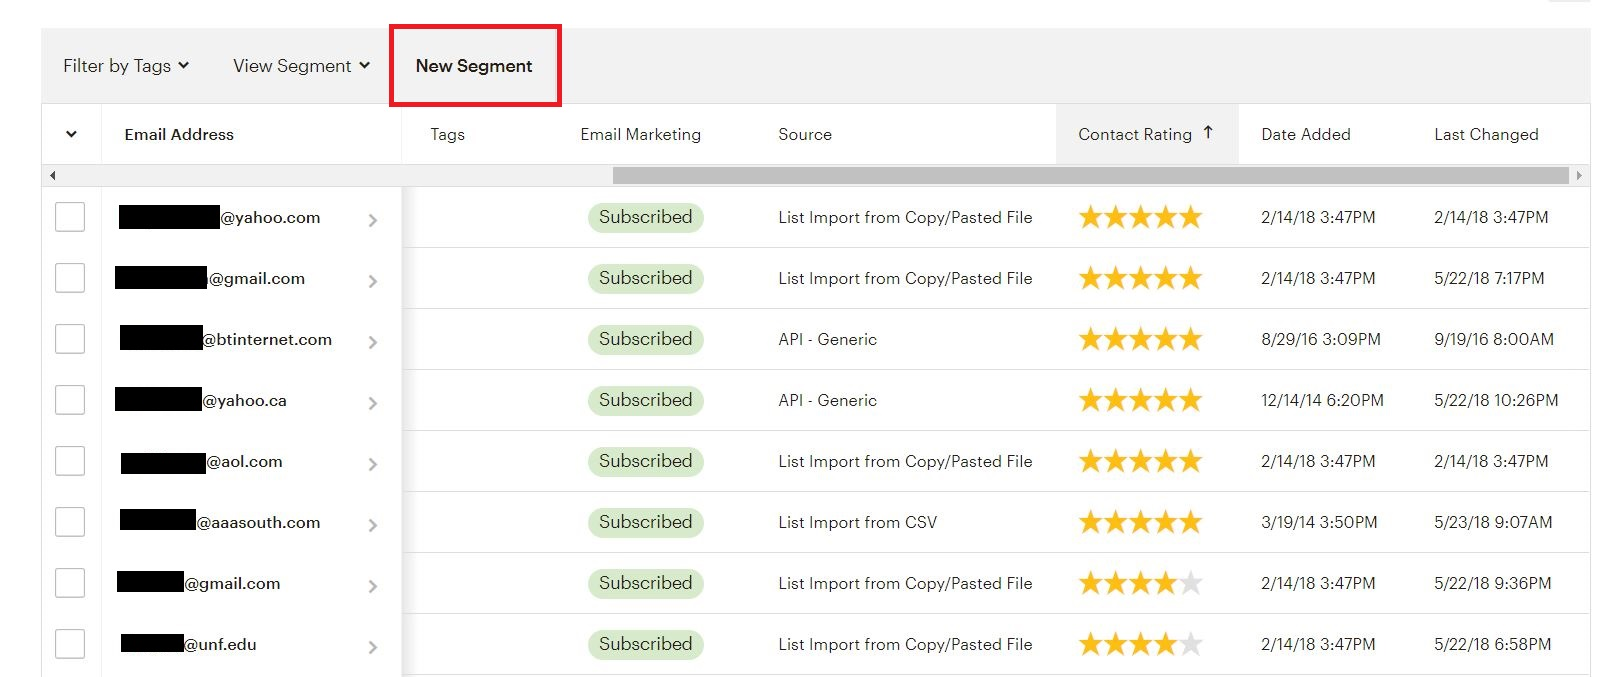 MailChimp New Segment